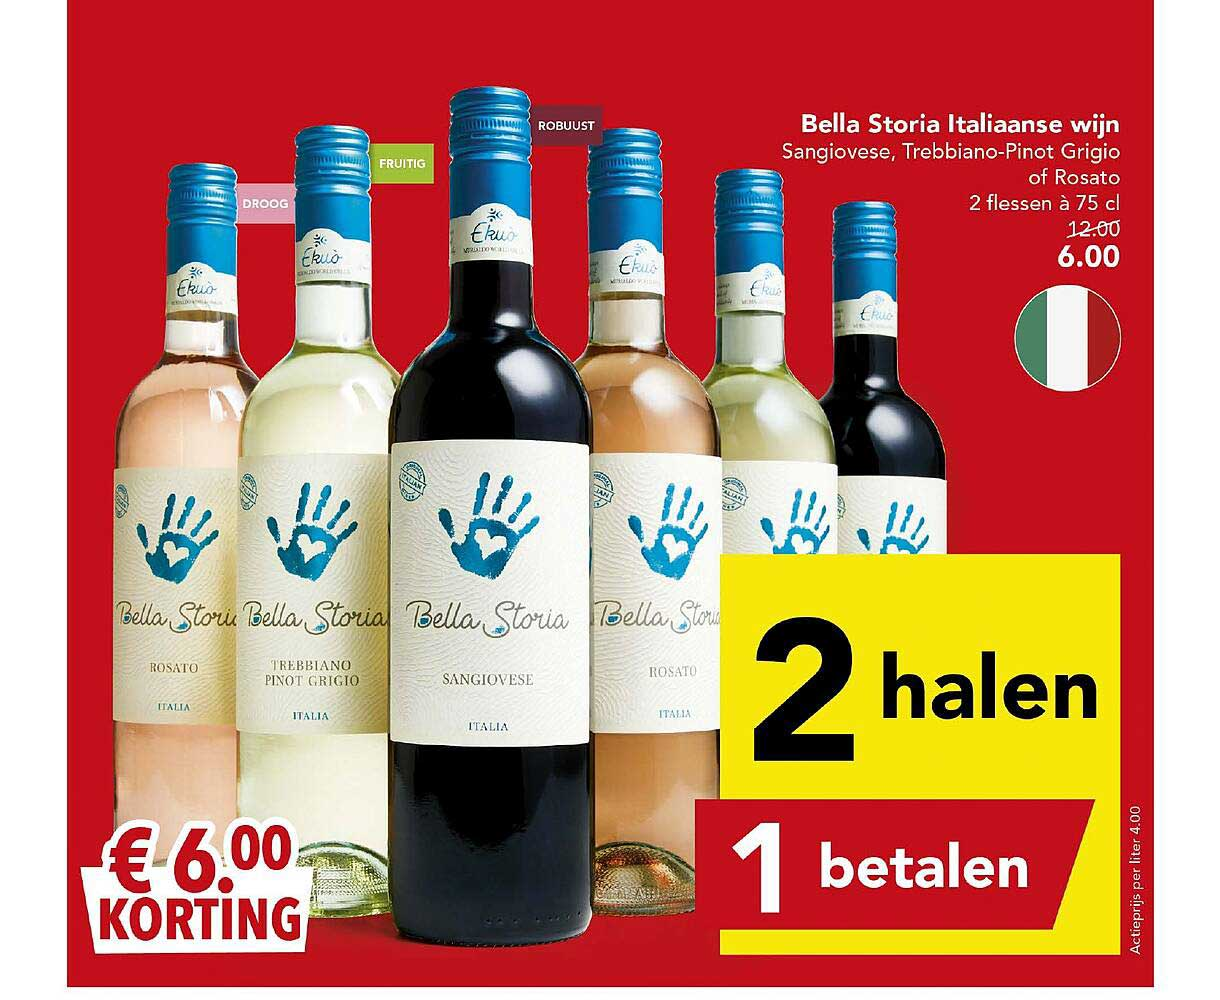 DEEN Bella Storia Italiaanse Wijn € 6.00 Korting